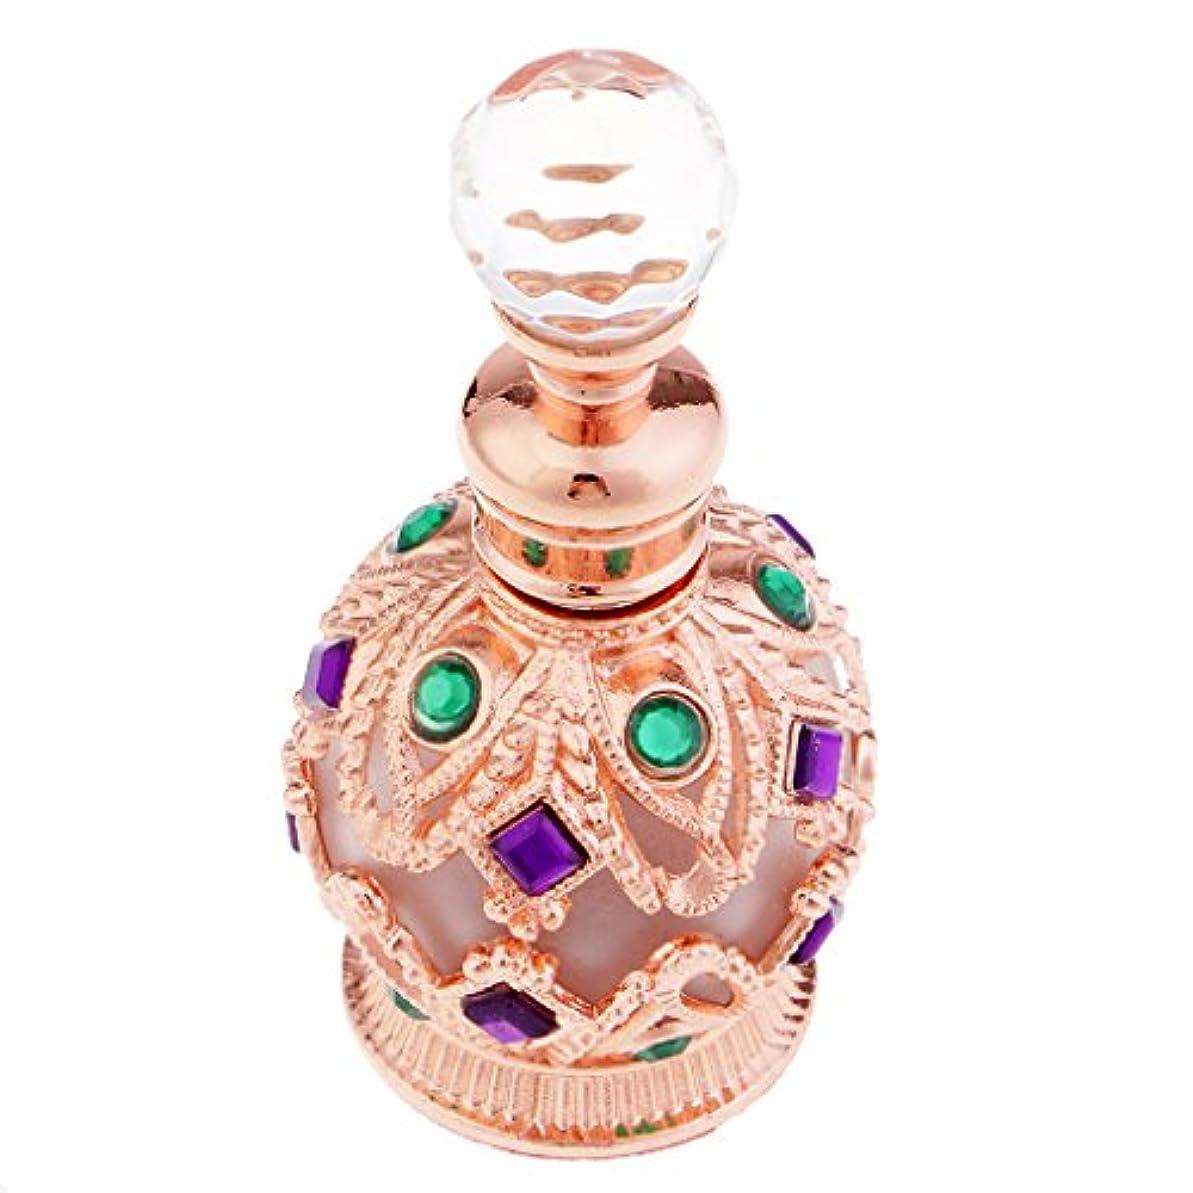 真向こう咲くに渡って金属製 中東スタイル トラベル 香水瓶 15ml 香水ボトル 小型 軽量 携帯便利 全2色 - ローズゴールド